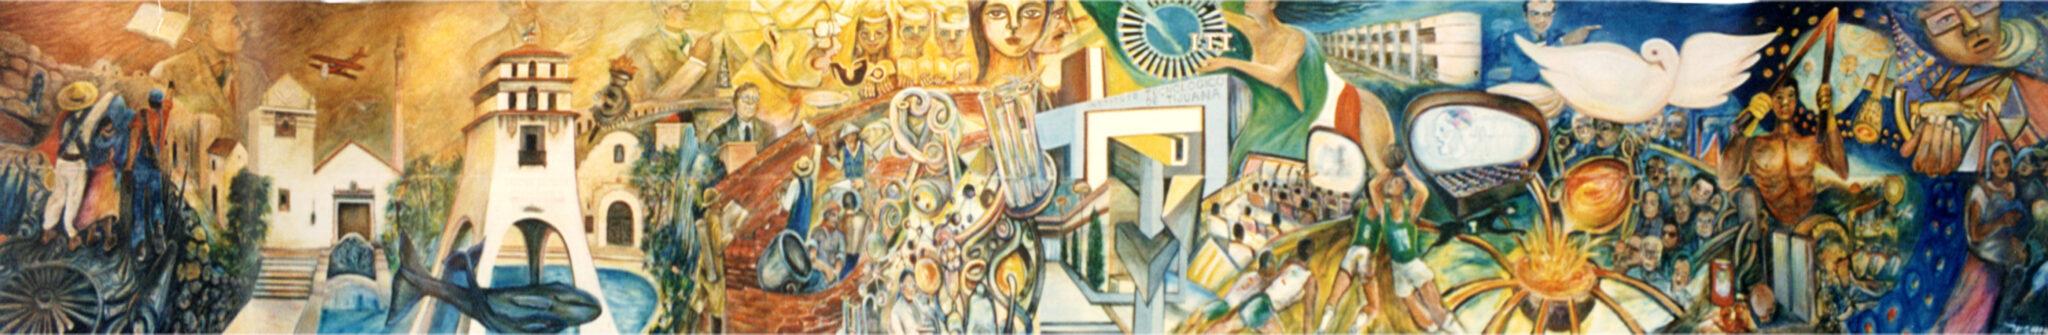 Mural ITT calafornix